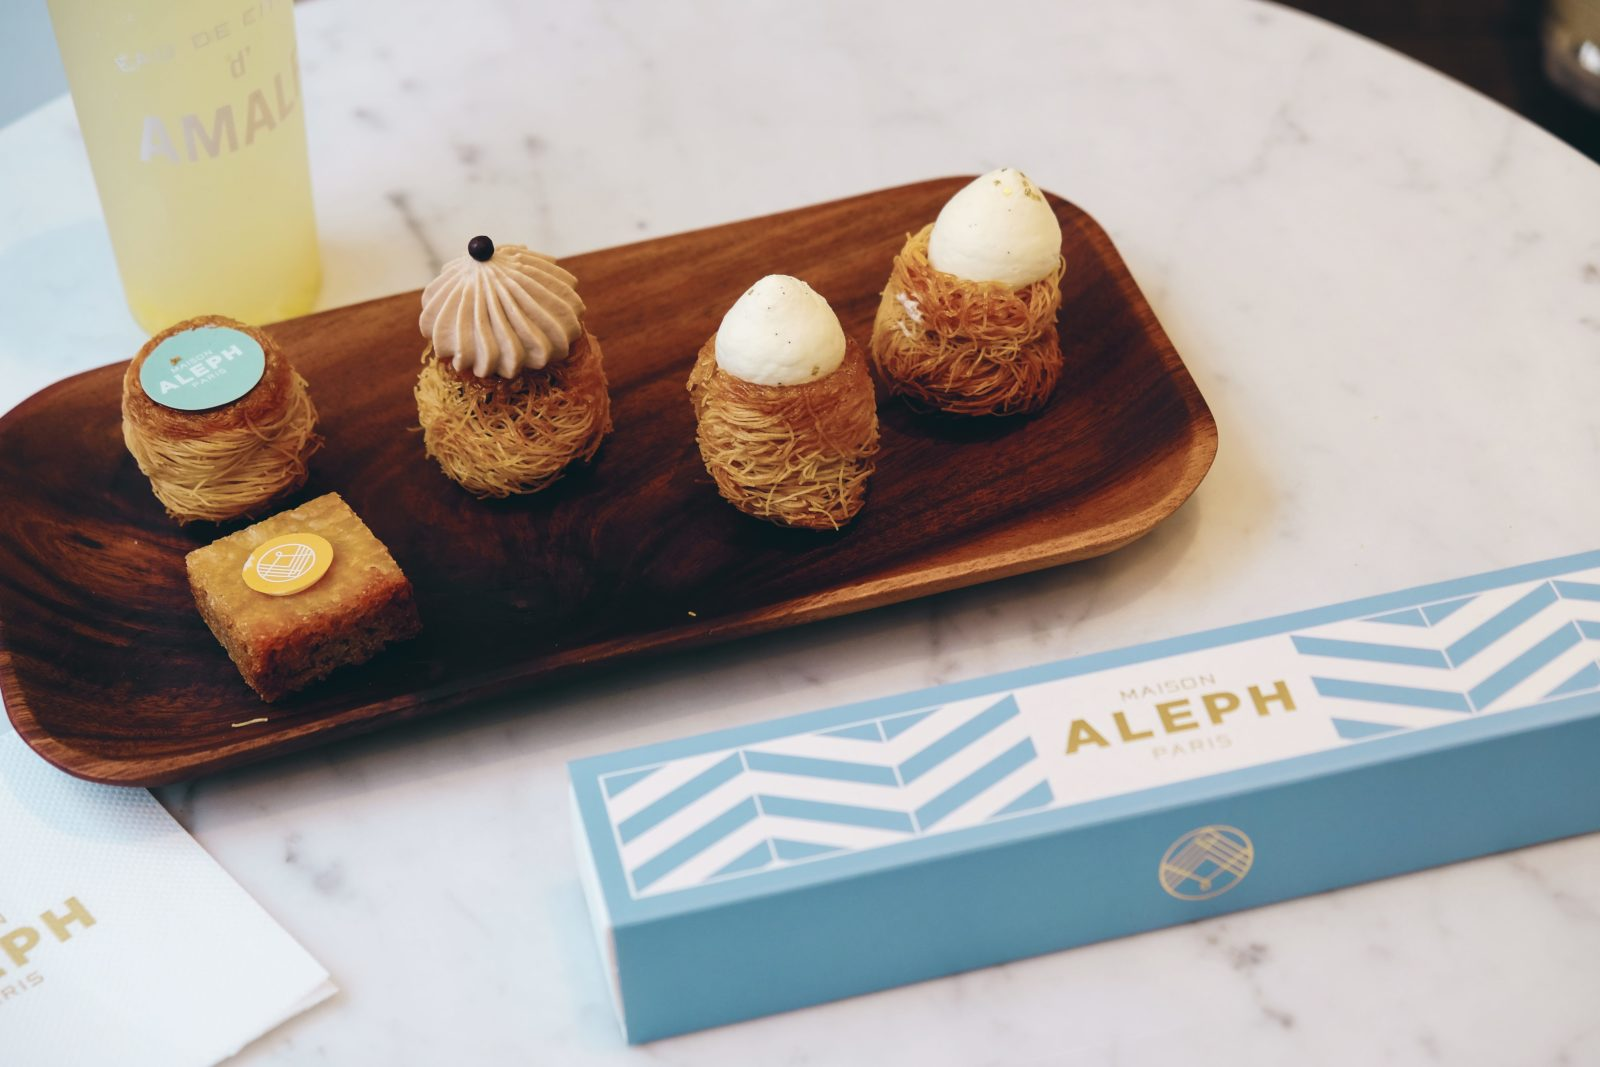 Nouveau délice : Maison Aleph